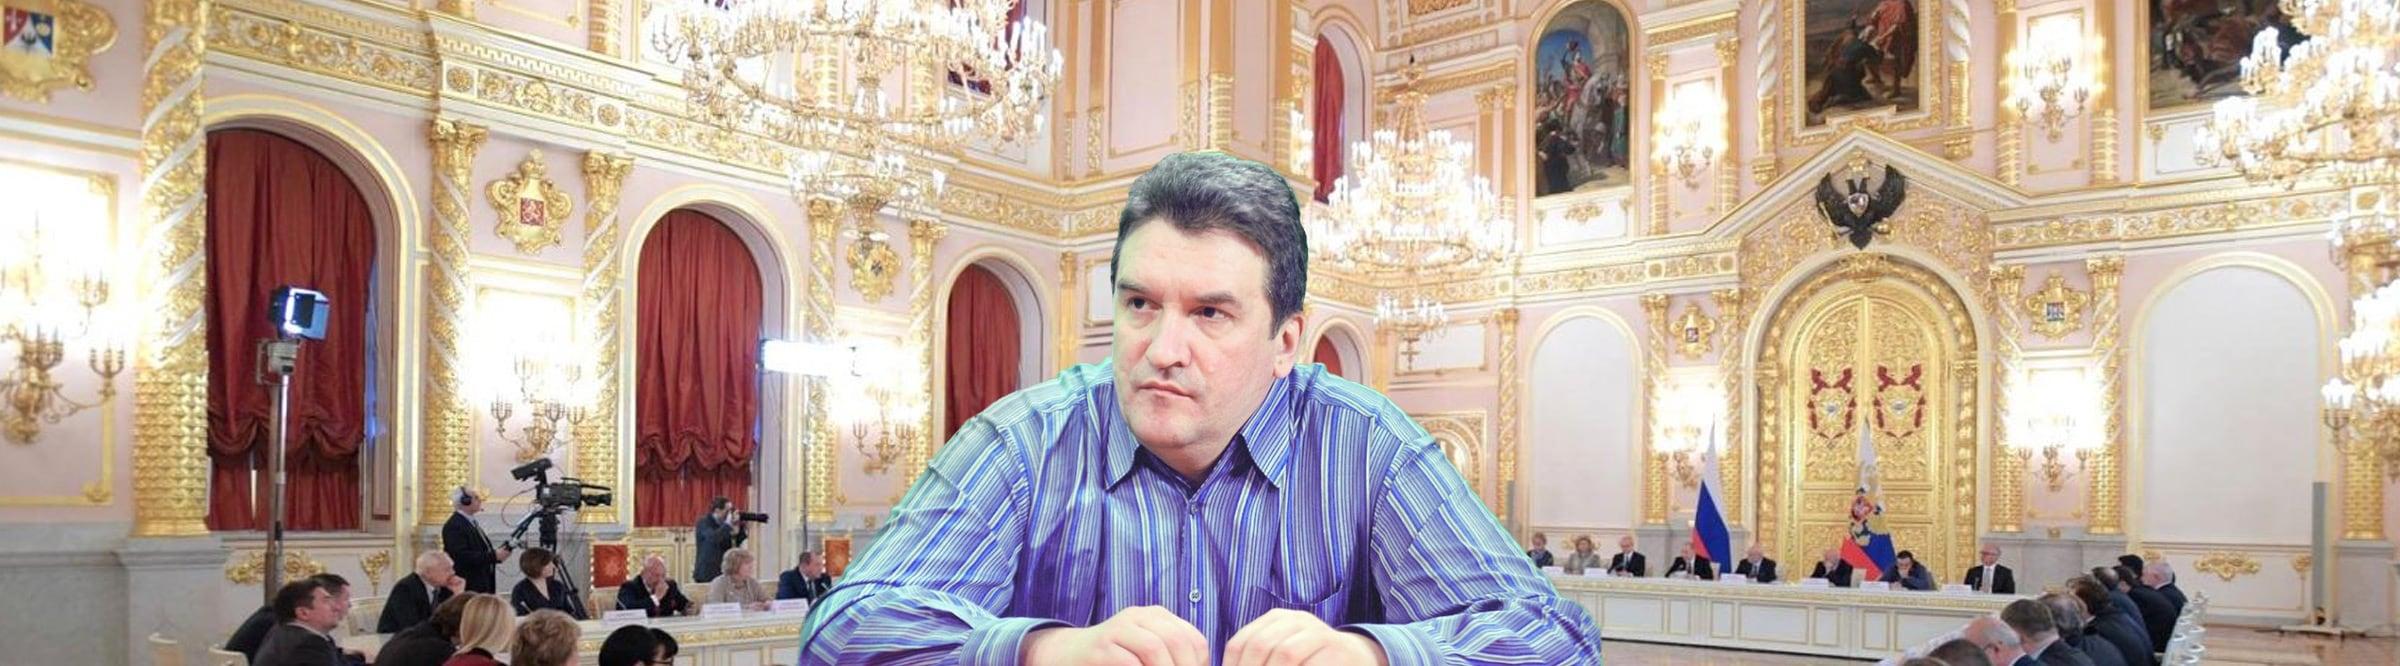 Кривая дорожка члена правления общества «Мемориал» Сергея Кривенко в СПЧ